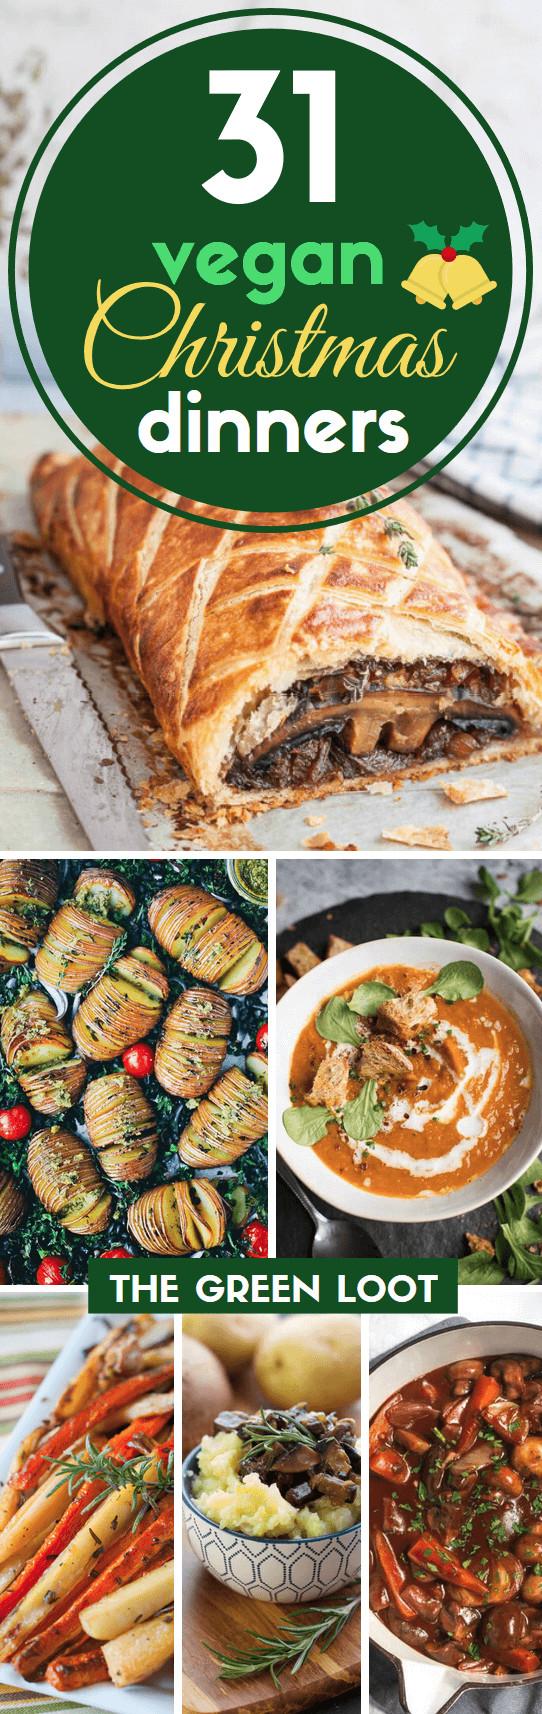 Vegan Recipes For Christmas Dinner  31 Divine Vegan Christmas Dinner Recipes Easy Healthy